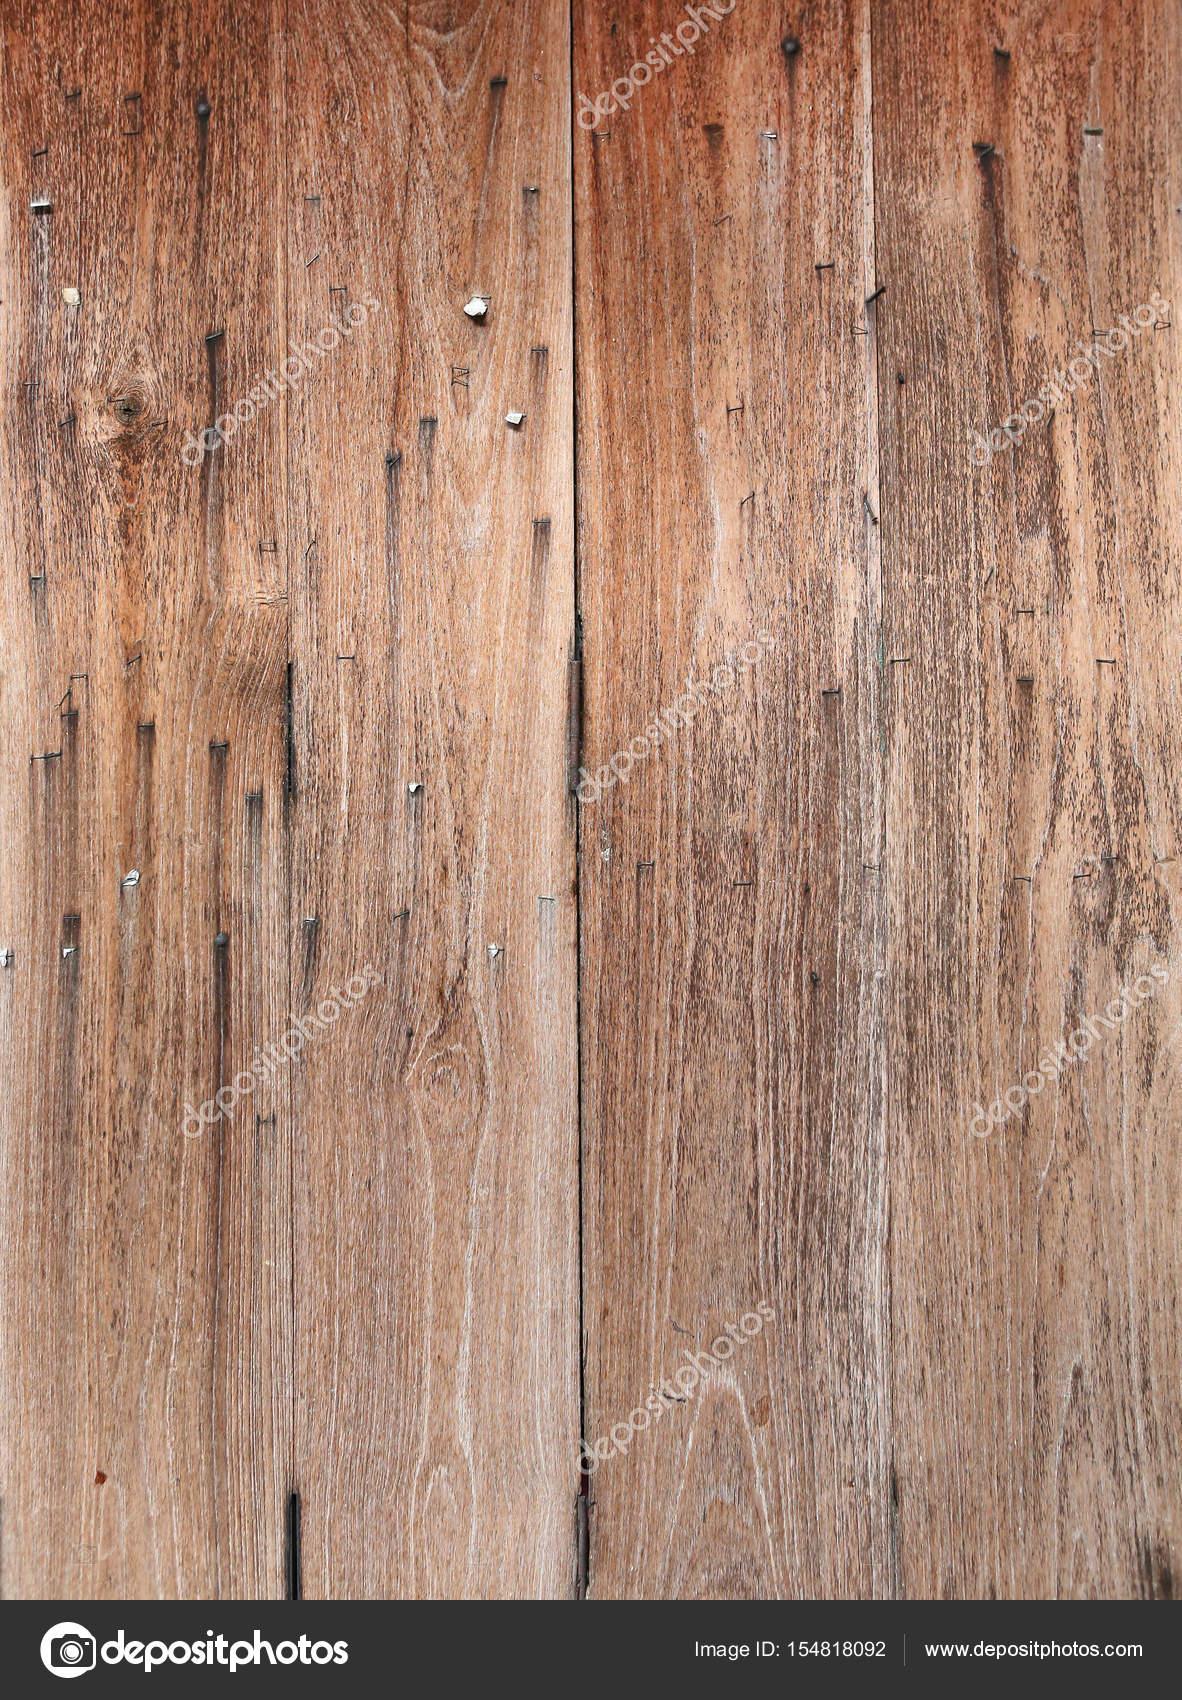 Houten Plank Voor Aan Muur.Oude Houten Plank Muur Stockfoto C Civic Dm Hotmail Com 154818092